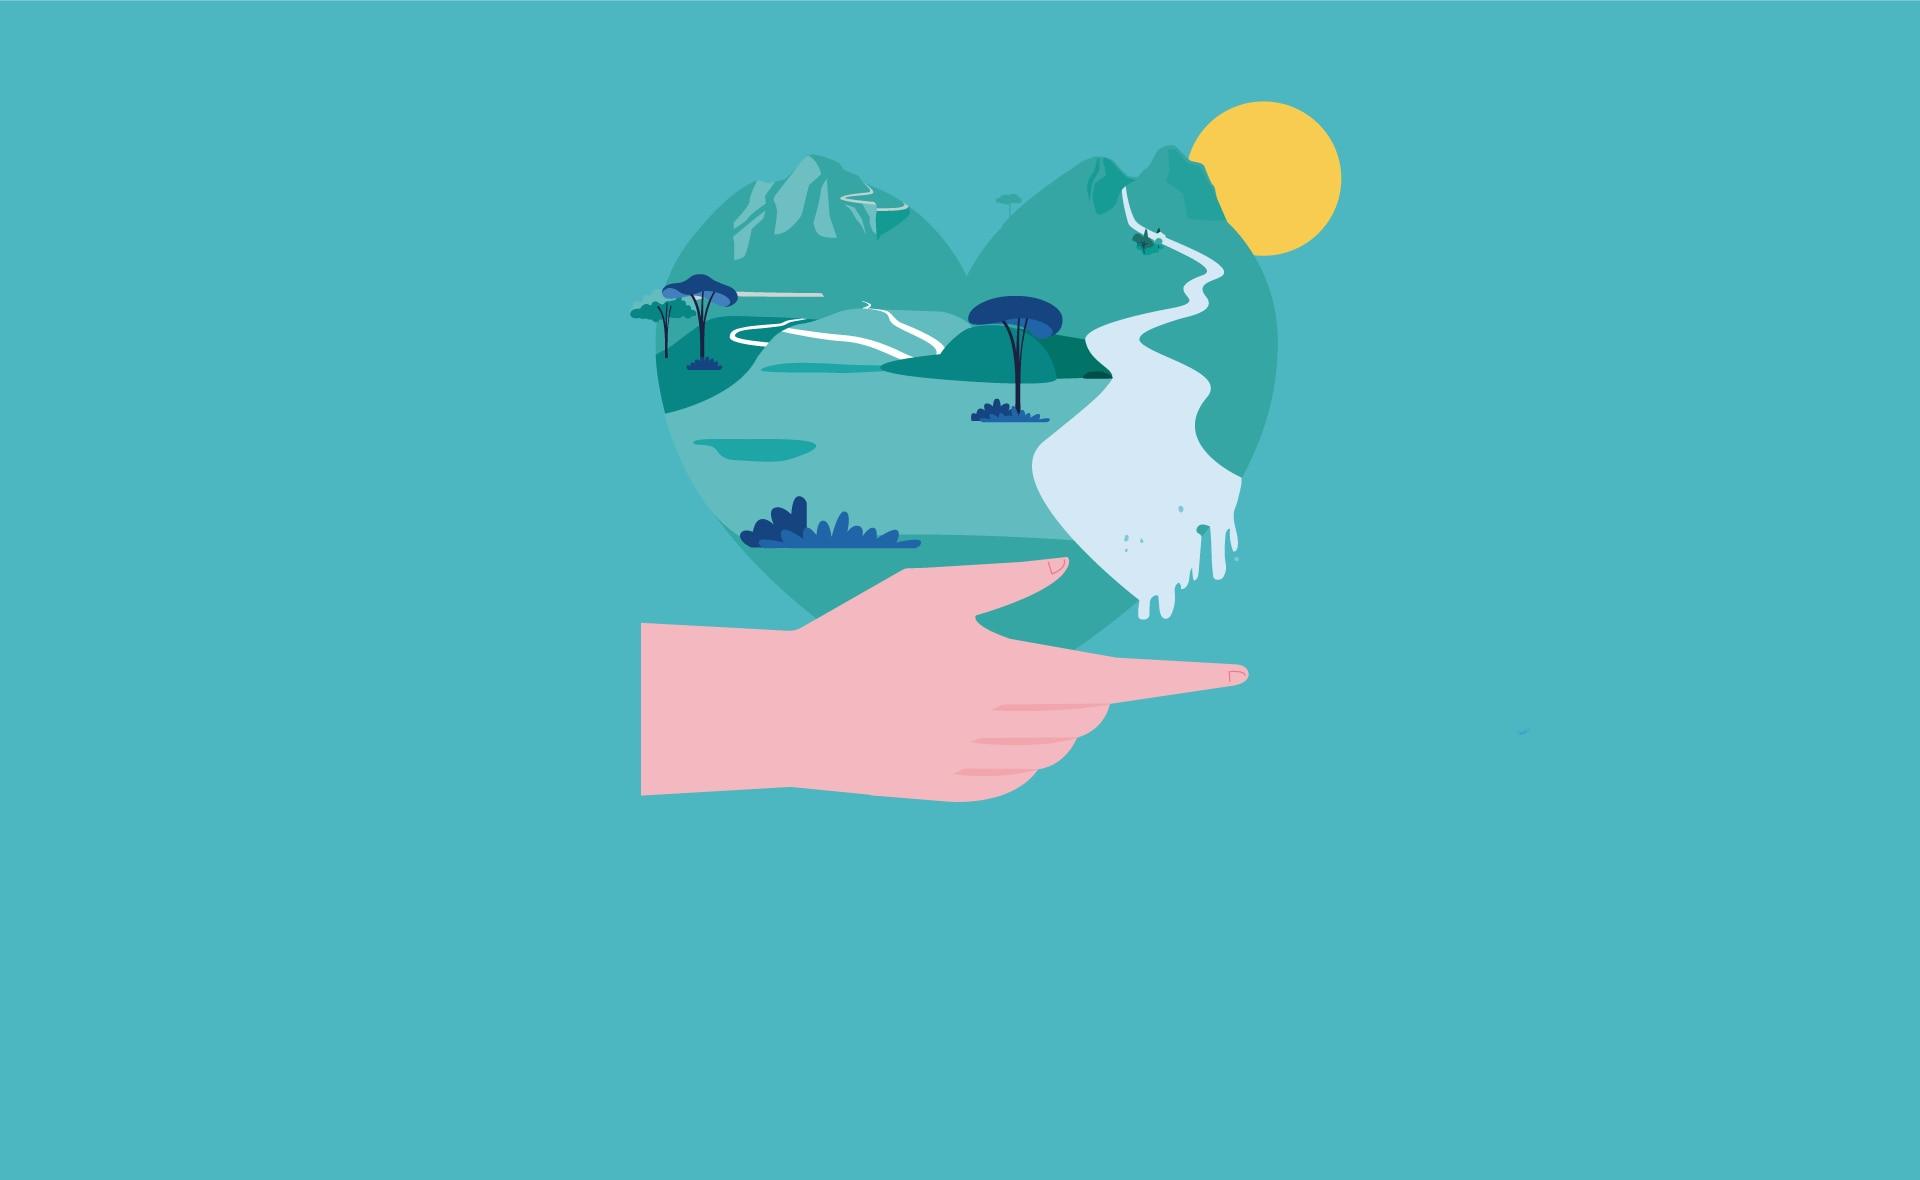 Fotografía de Ser o no ser, corazón, naturaleza, medioambiente, sol, mano, paisaje, cambio climático, sostenibilidad, sostenible